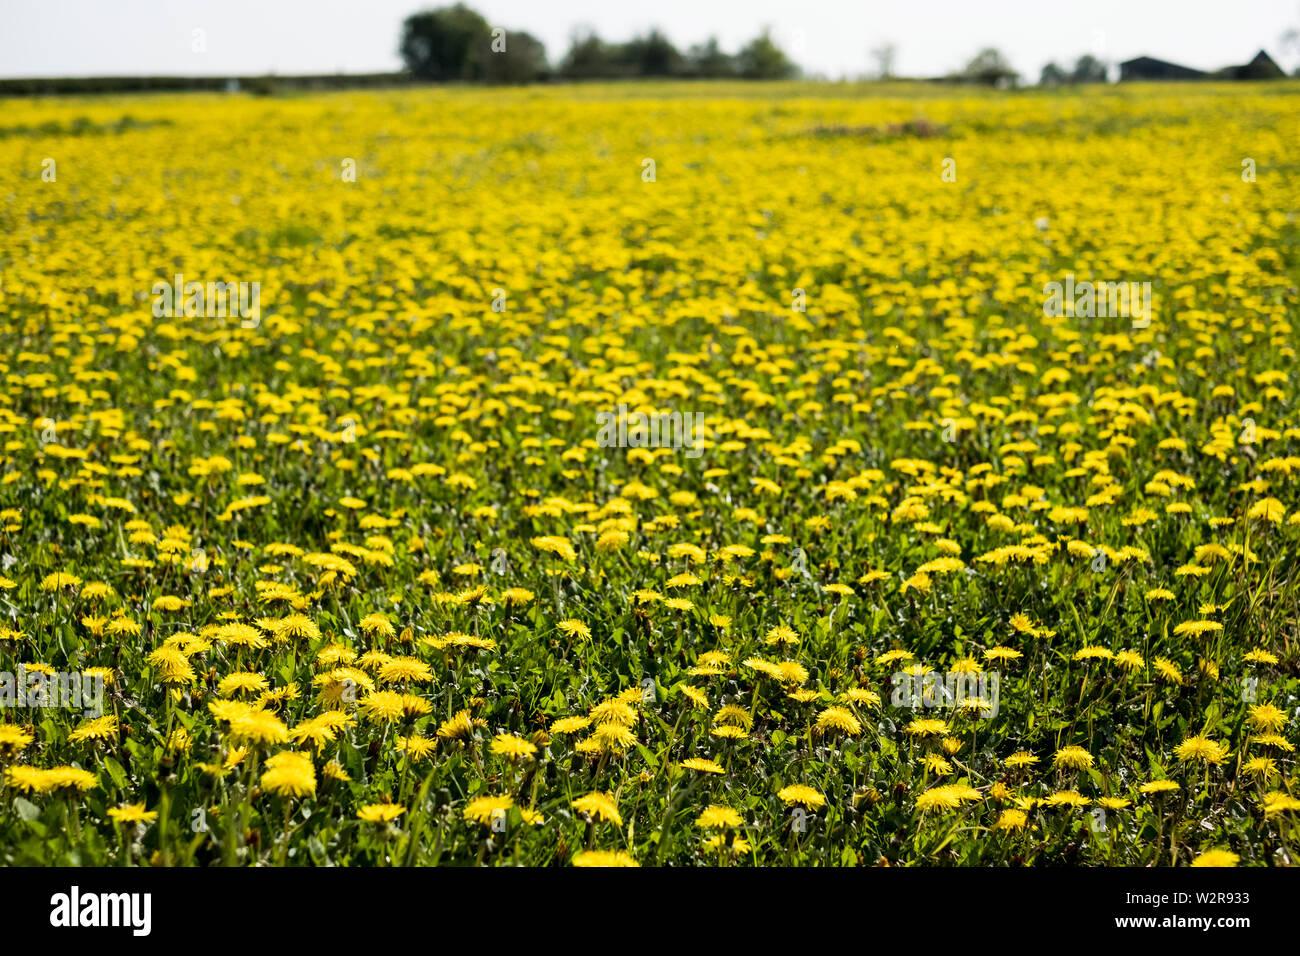 Vue sur un champ de pissenlits avec des fleurs jaune vif. Banque D'Images